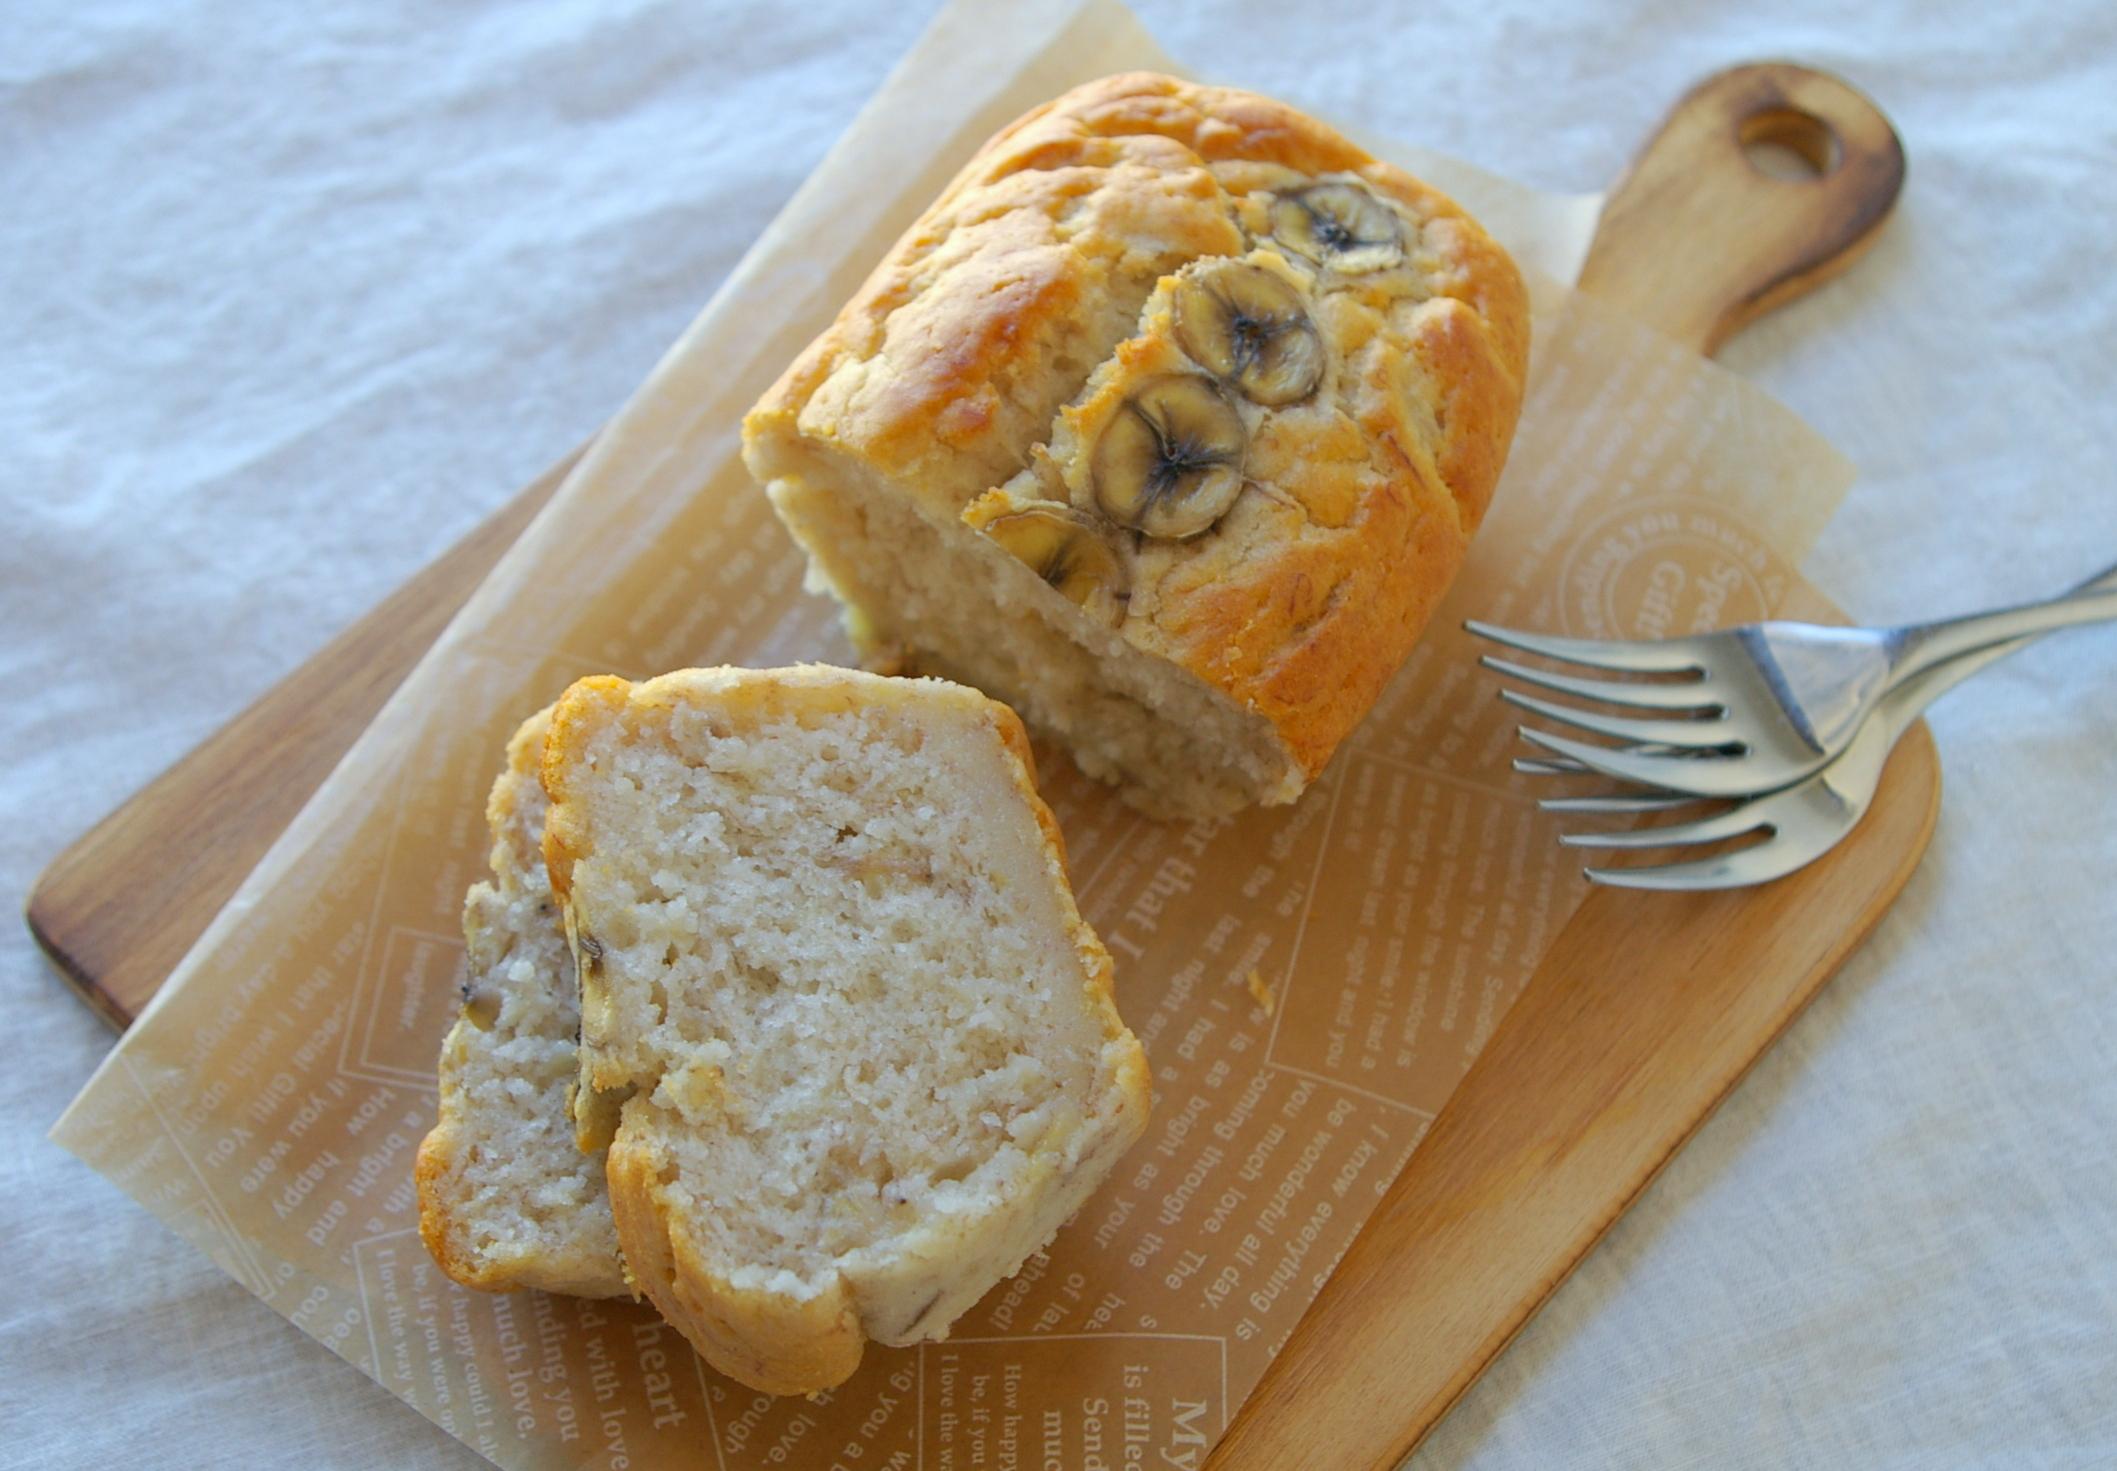 【卵・牛乳・小麦不使用】焼くまで5分!時短簡単♪バナナの米粉バウンドケーキ(基本) - アレルギーっ子も安心♪Kae's毎日ごはん [公式連載][レシピブログ]